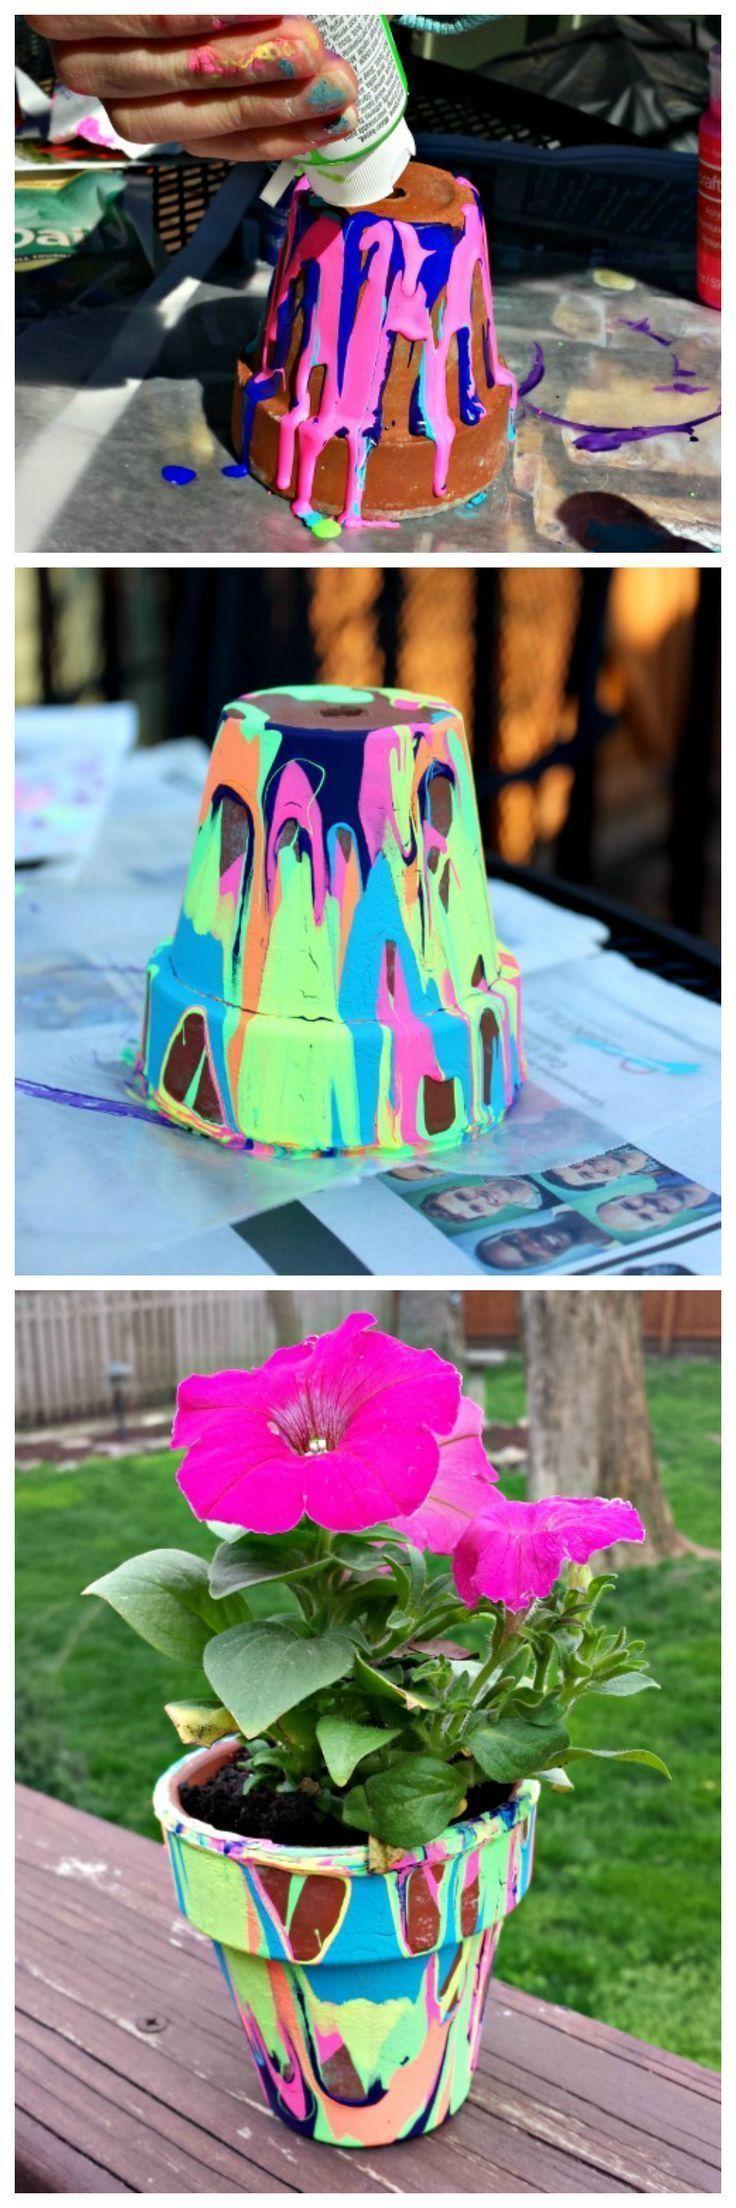 Homemade garden art ideas - Best 10 Kids Outdoor Crafts Ideas On Pinterest Outdoor Crafts Kids Garden Crafts And Kid Garden